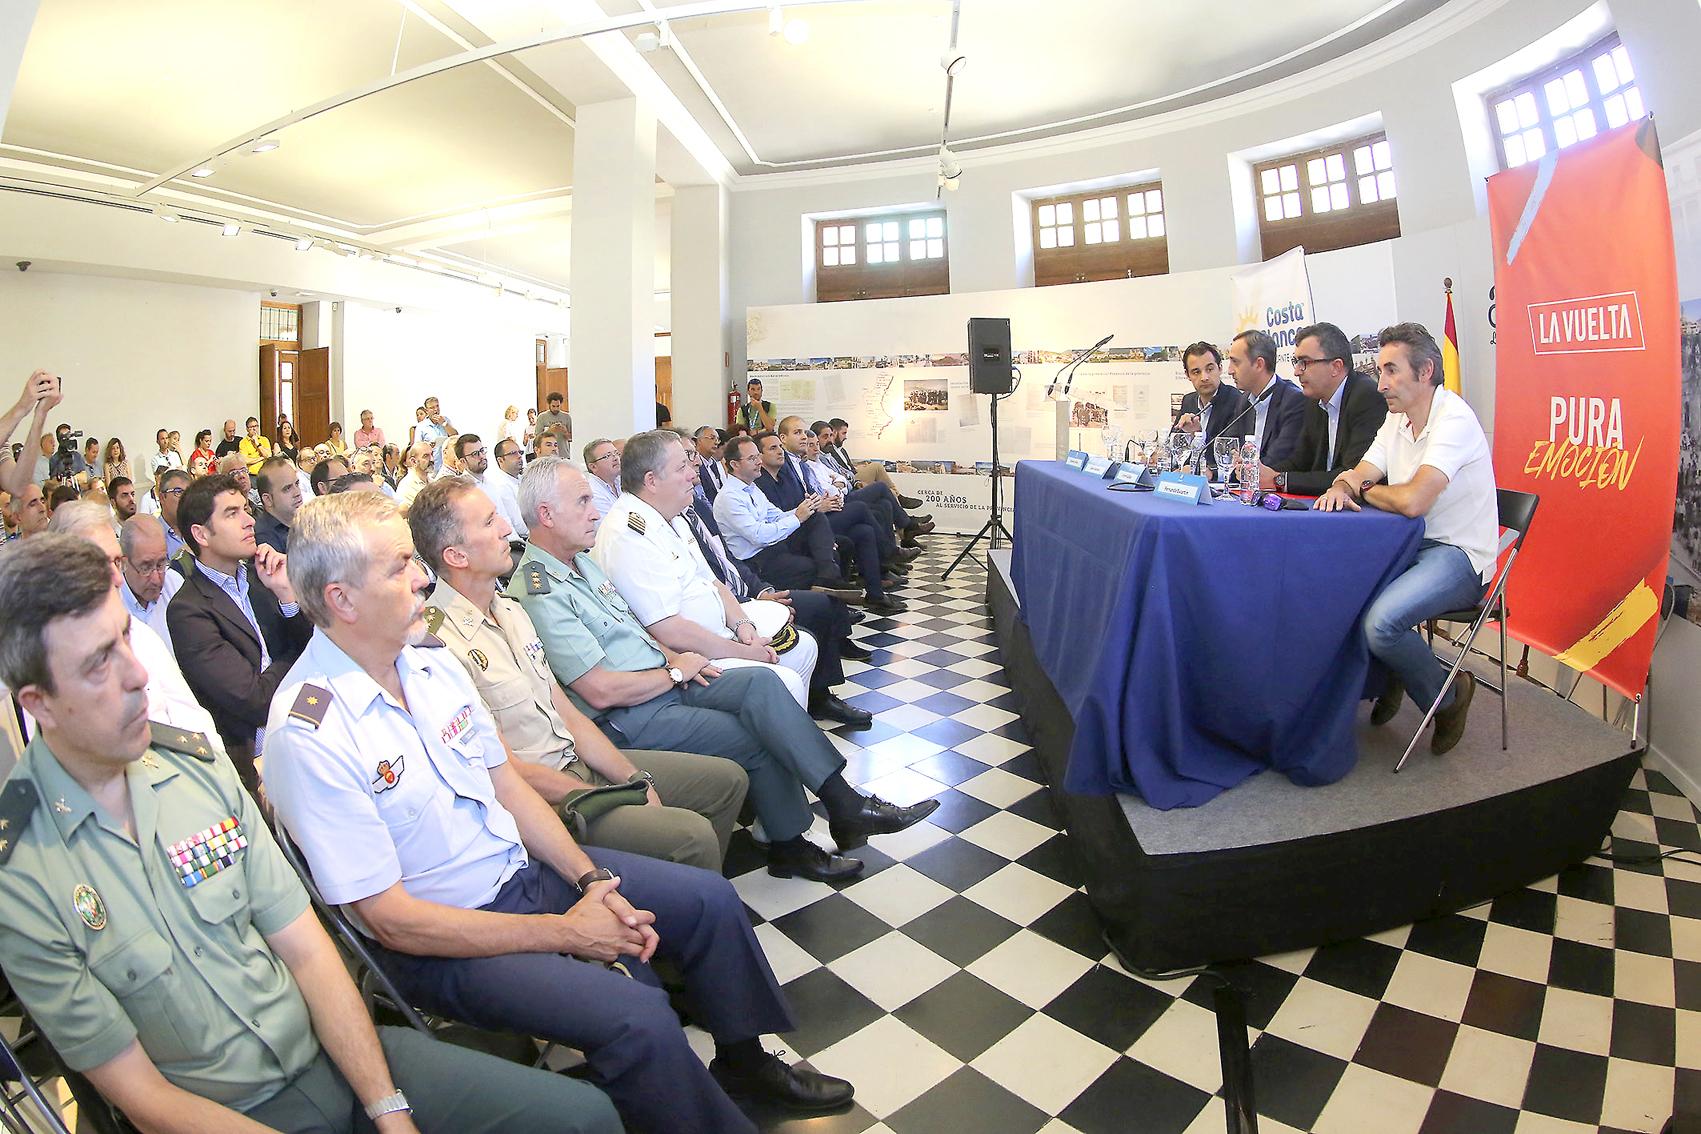 La provincia de Alicante acogerá la salida de la Vuelta Ciclista a España dentro de dos años